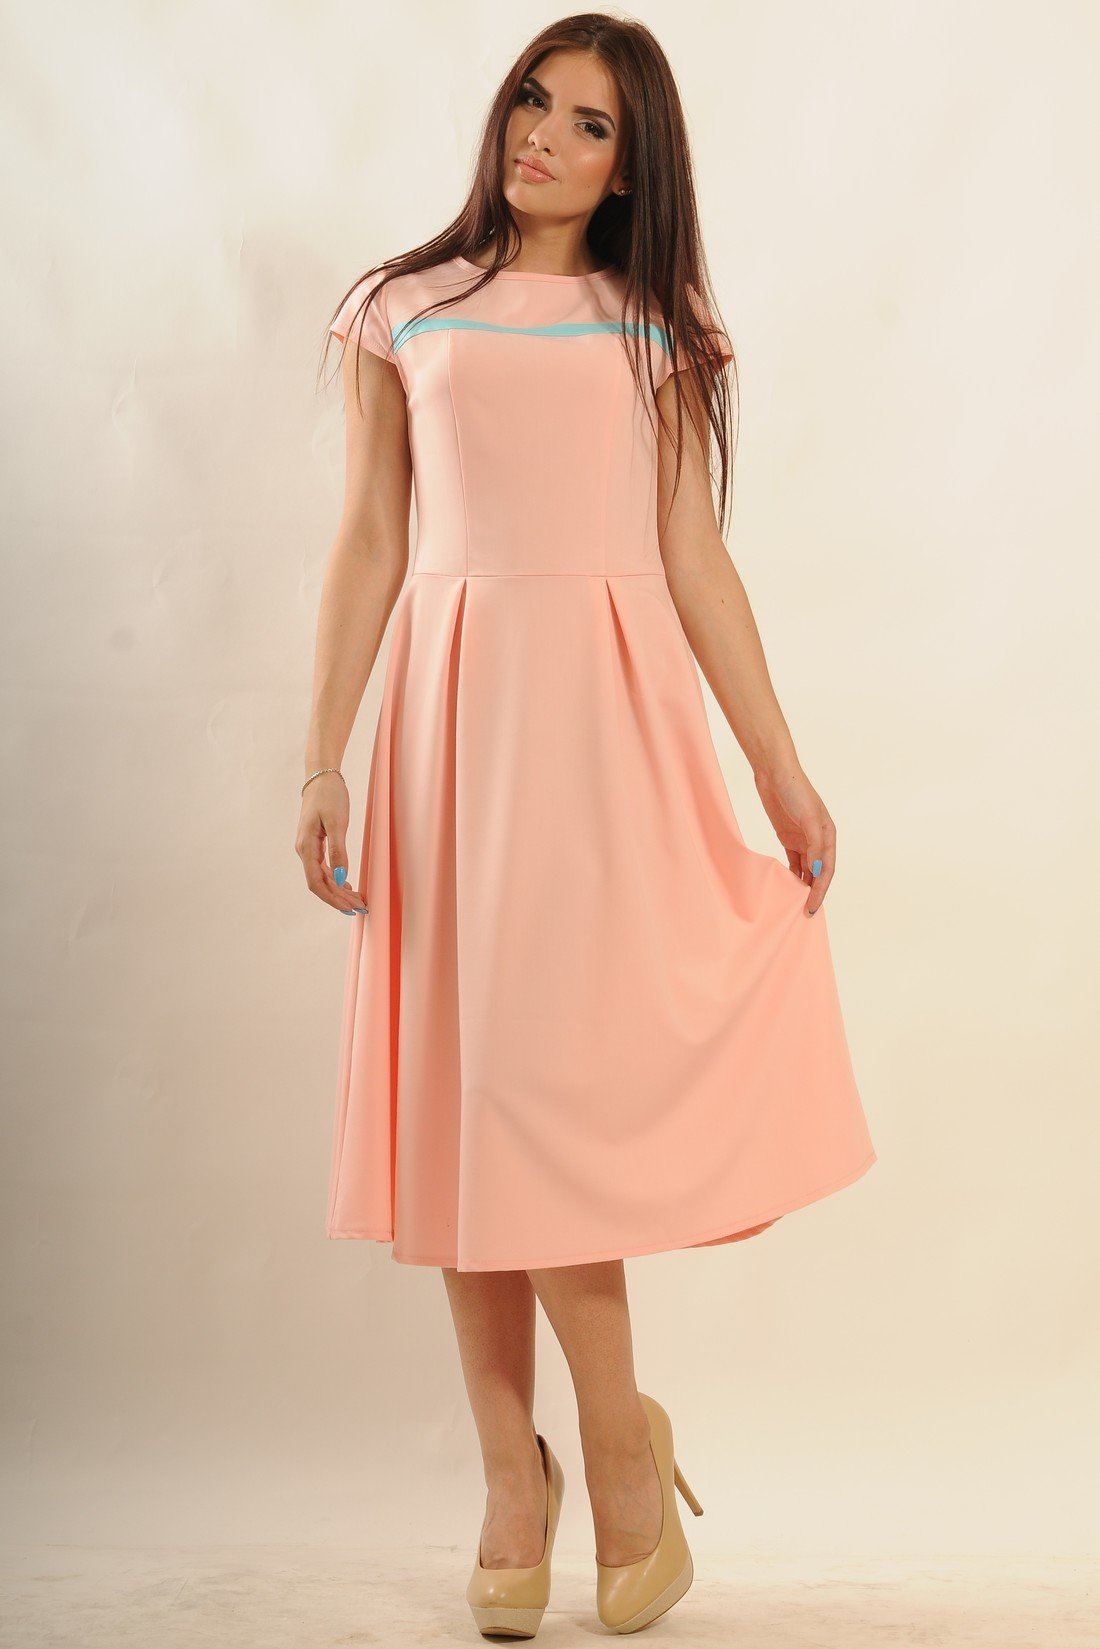 96c03369314c06 Літнє плаття Сільвія пудра - купити недорого — Donna Bella - Ри ...